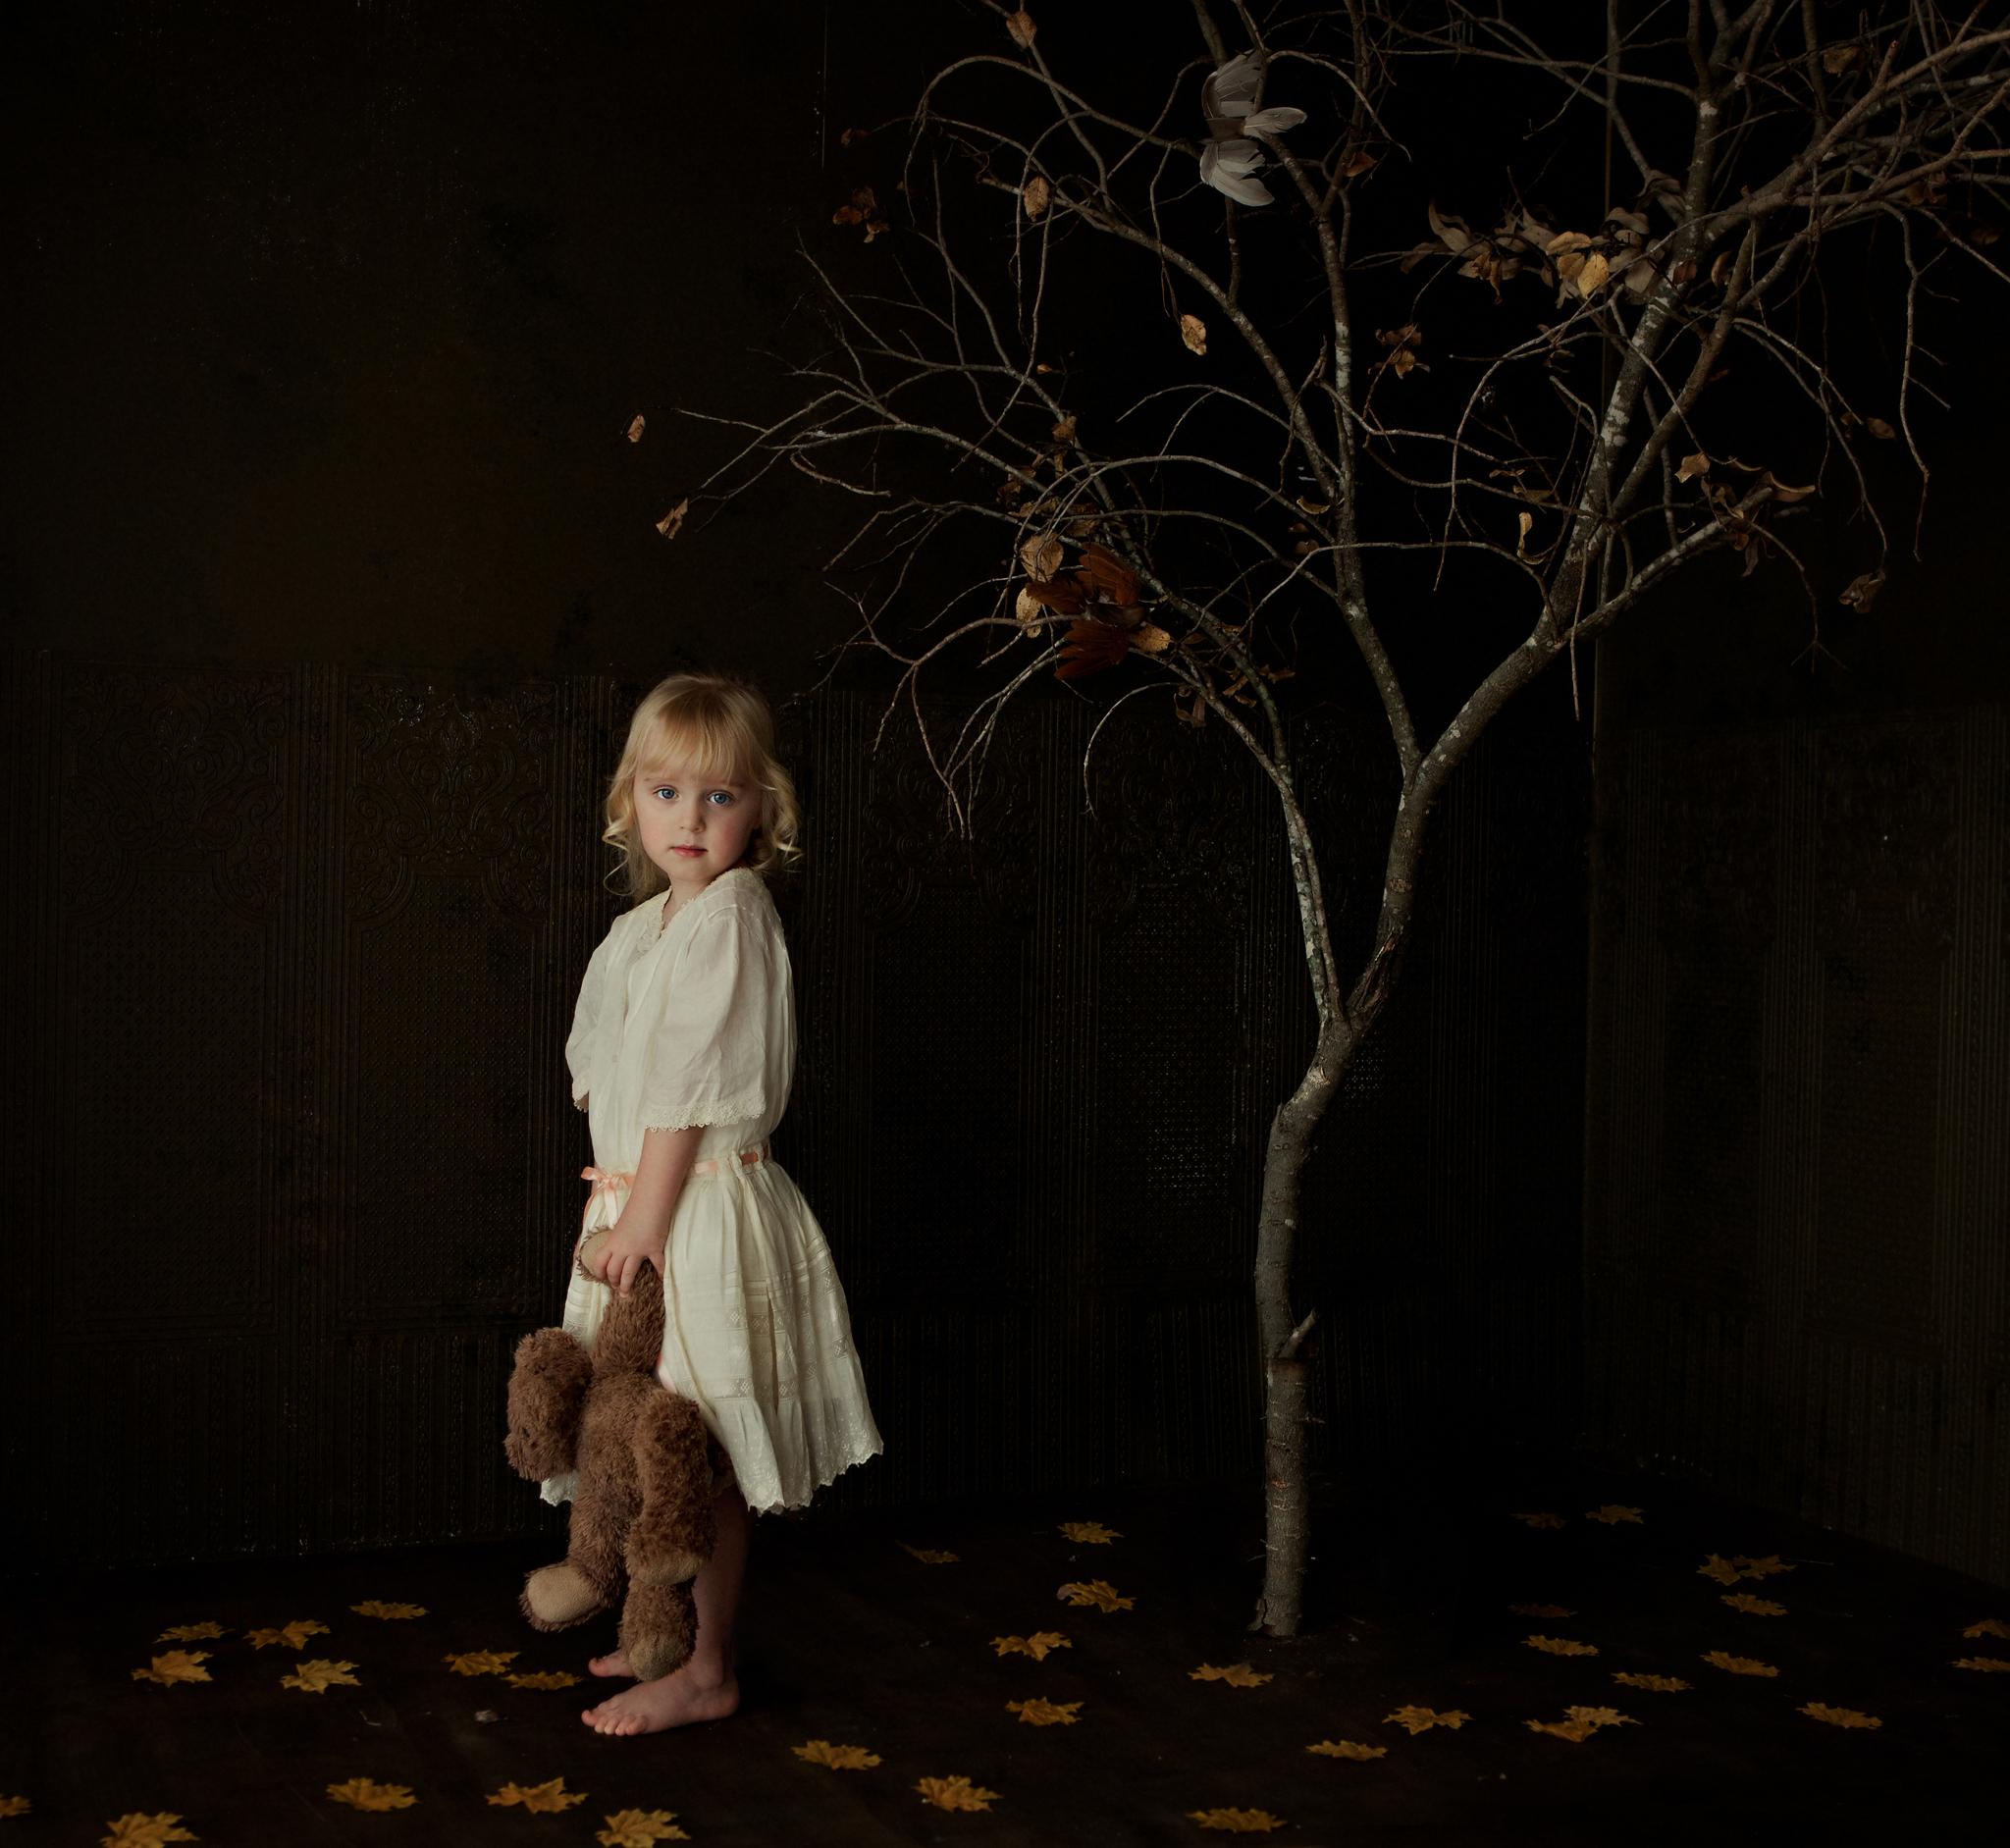 brisbane newborn maternity and baby photographer